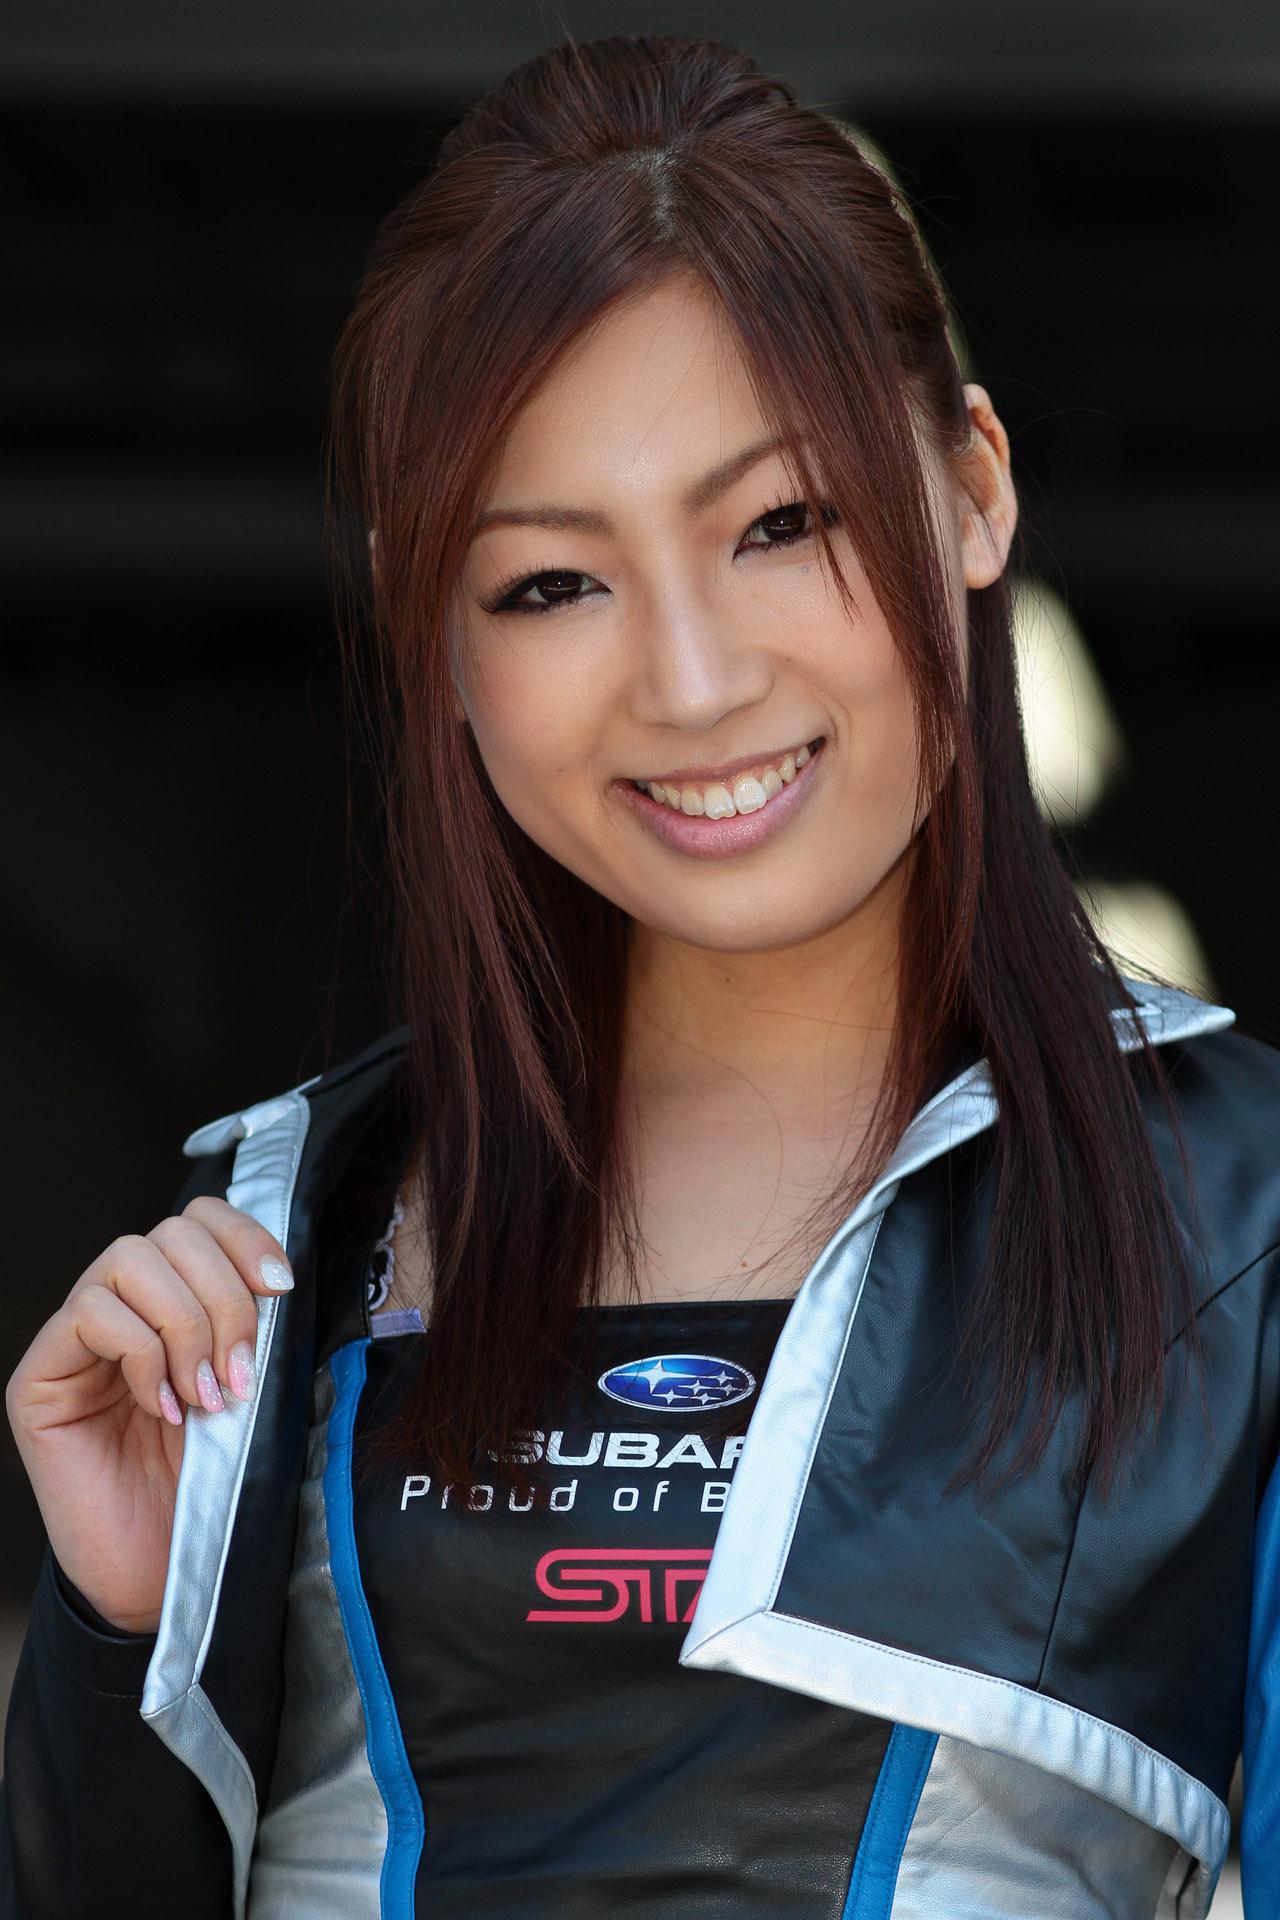 FUJI GT 400km RACE